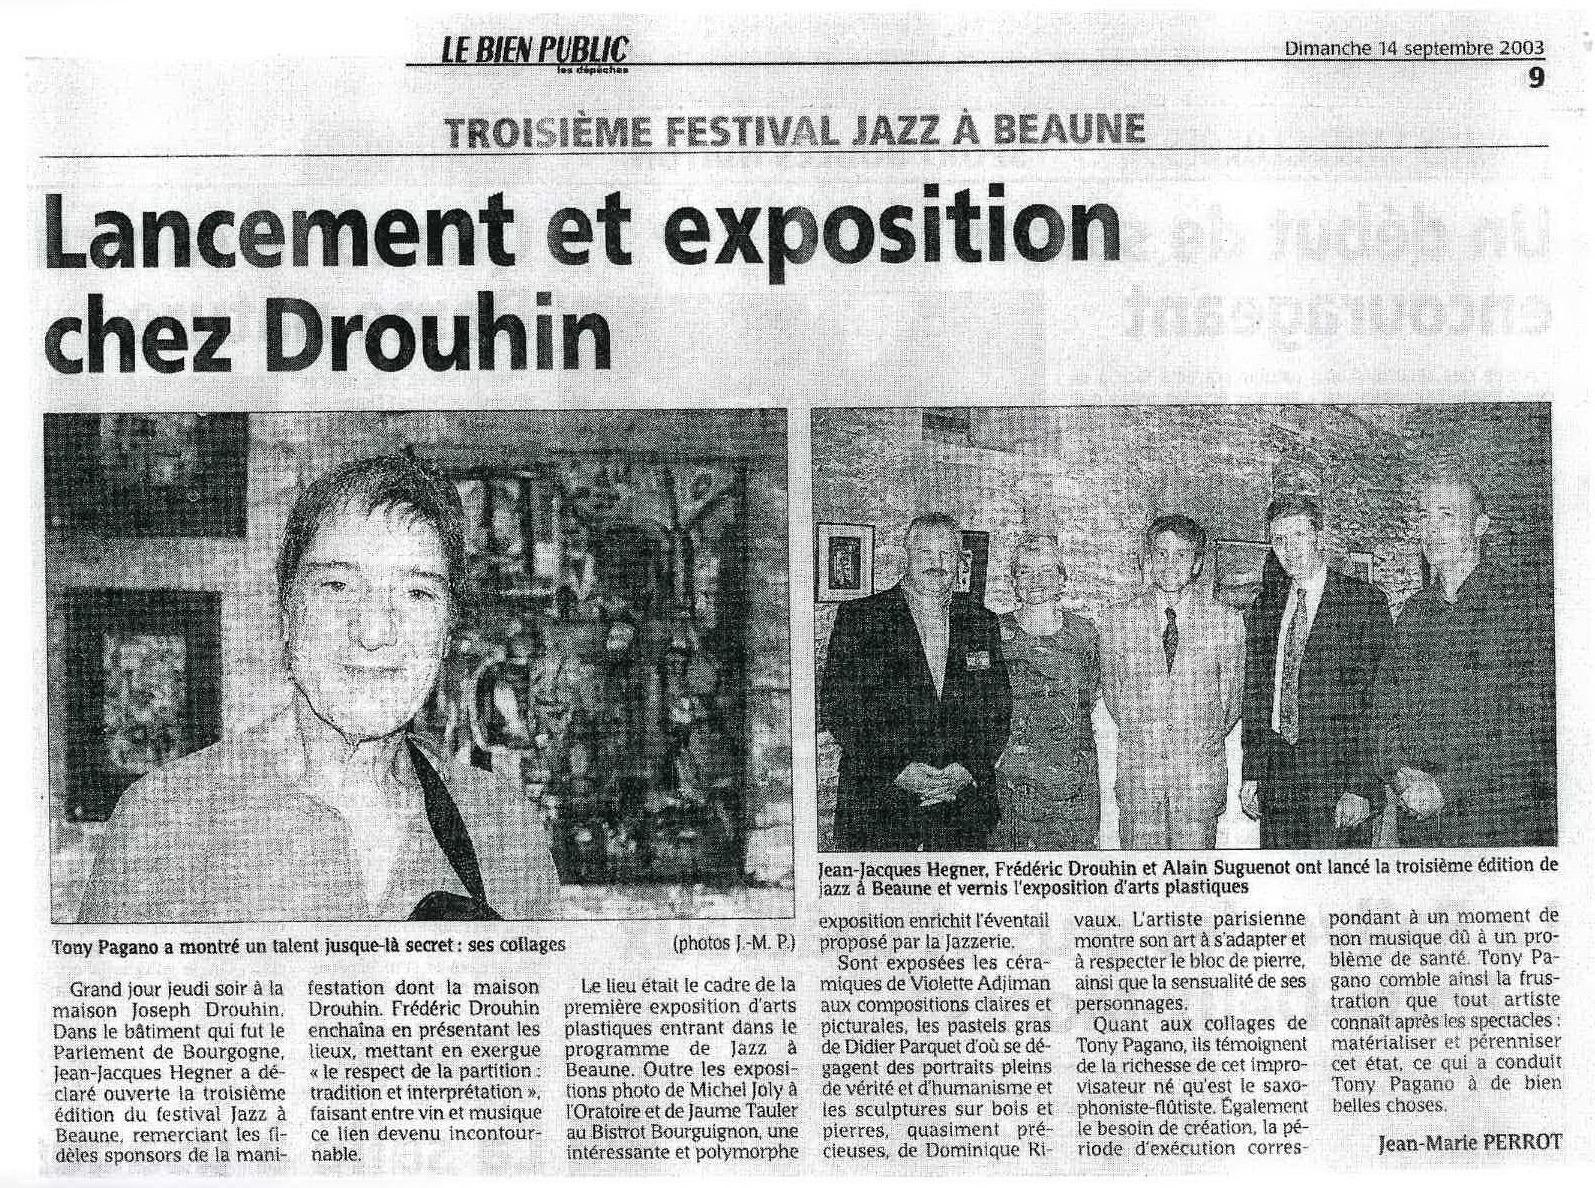 Lancement et exposition chez Drouhin - 2003